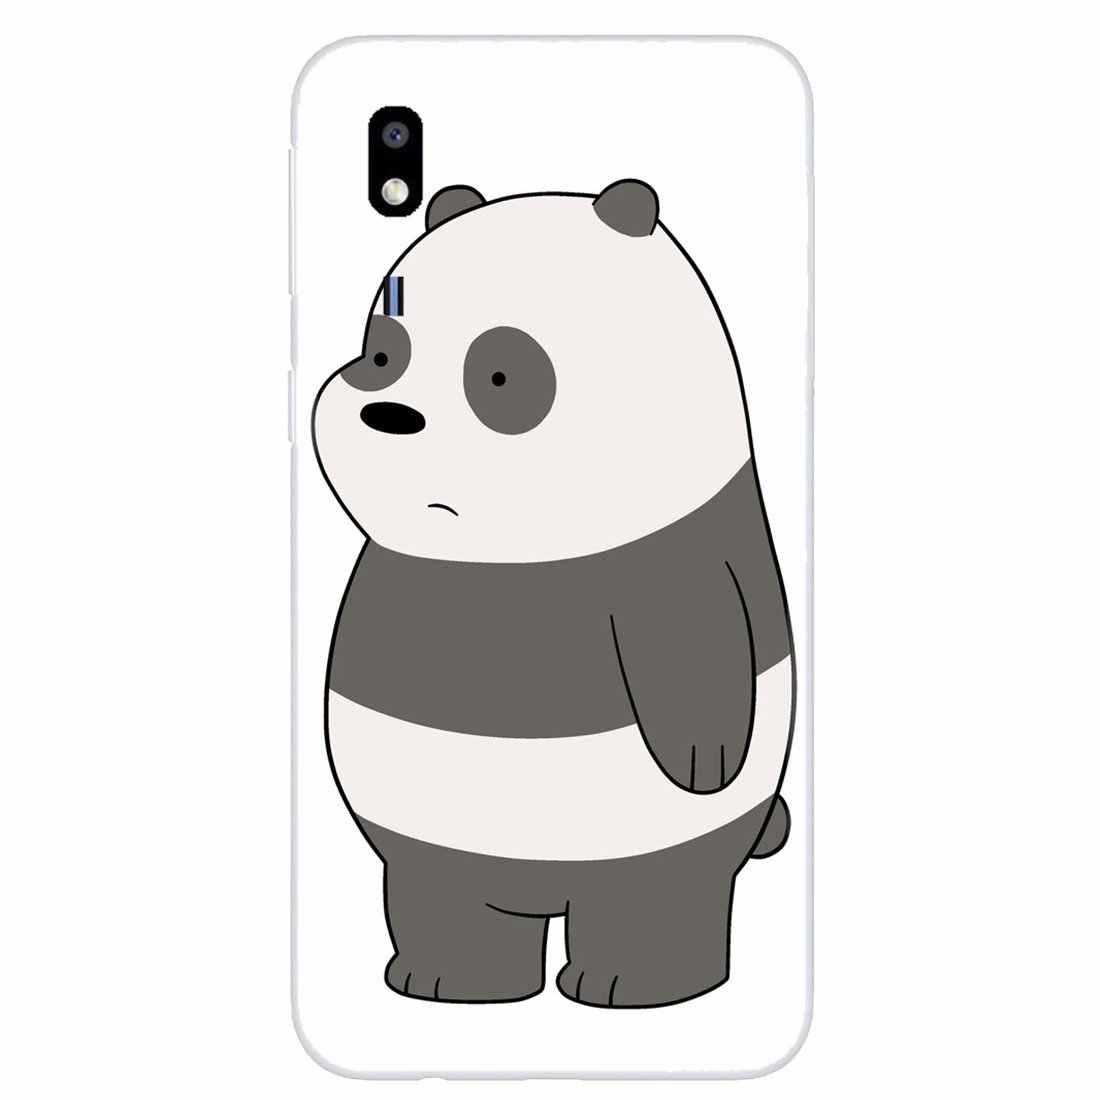 אישית סיליקון מקרה טלפון עבור Samsung Galaxy A3 A5 A7 A9 A8 כוכב לייט A6 בתוספת 2018 2015 2016 2017 אנחנו חשוף קרח דוב פנדה